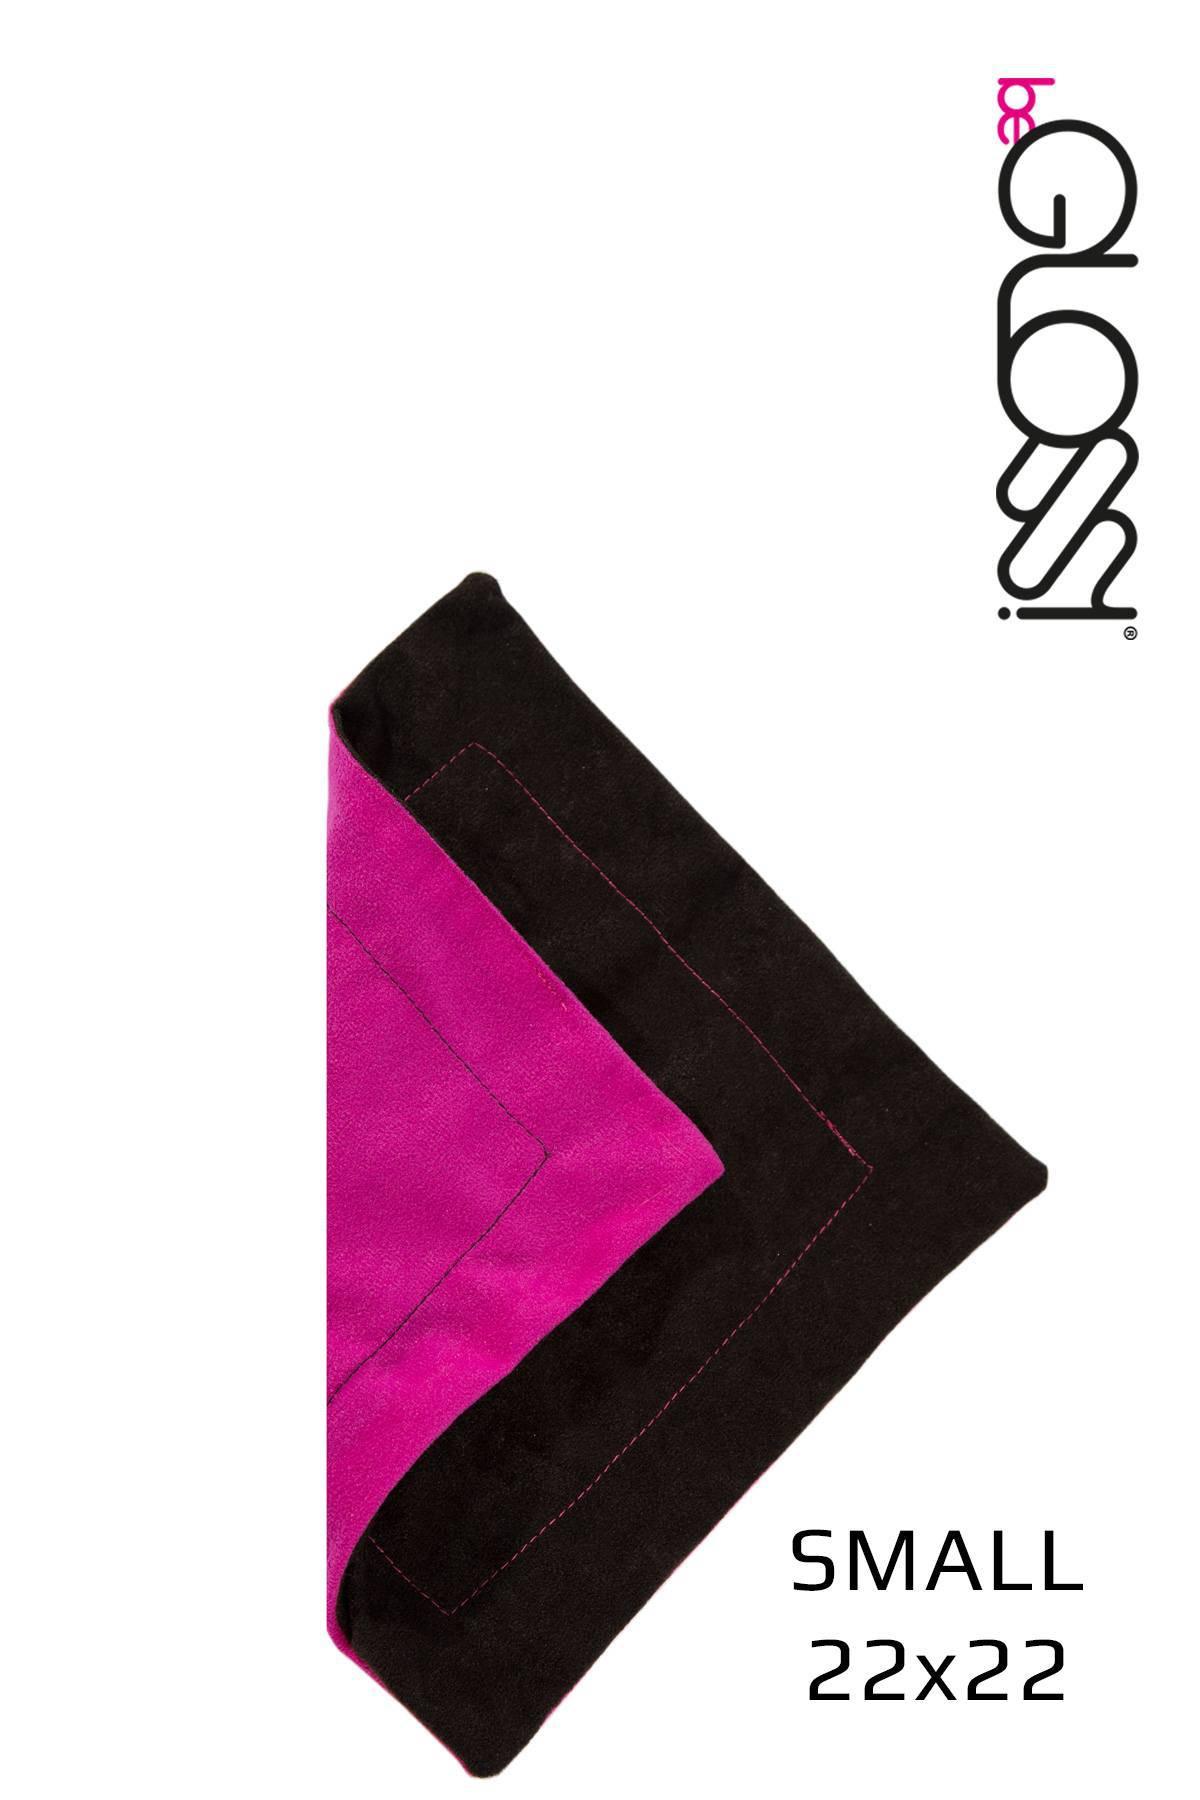 Kleines Poliertuch in Schwarz mit Pink für perfekten Glanz der Latex Kleidung von beGloss